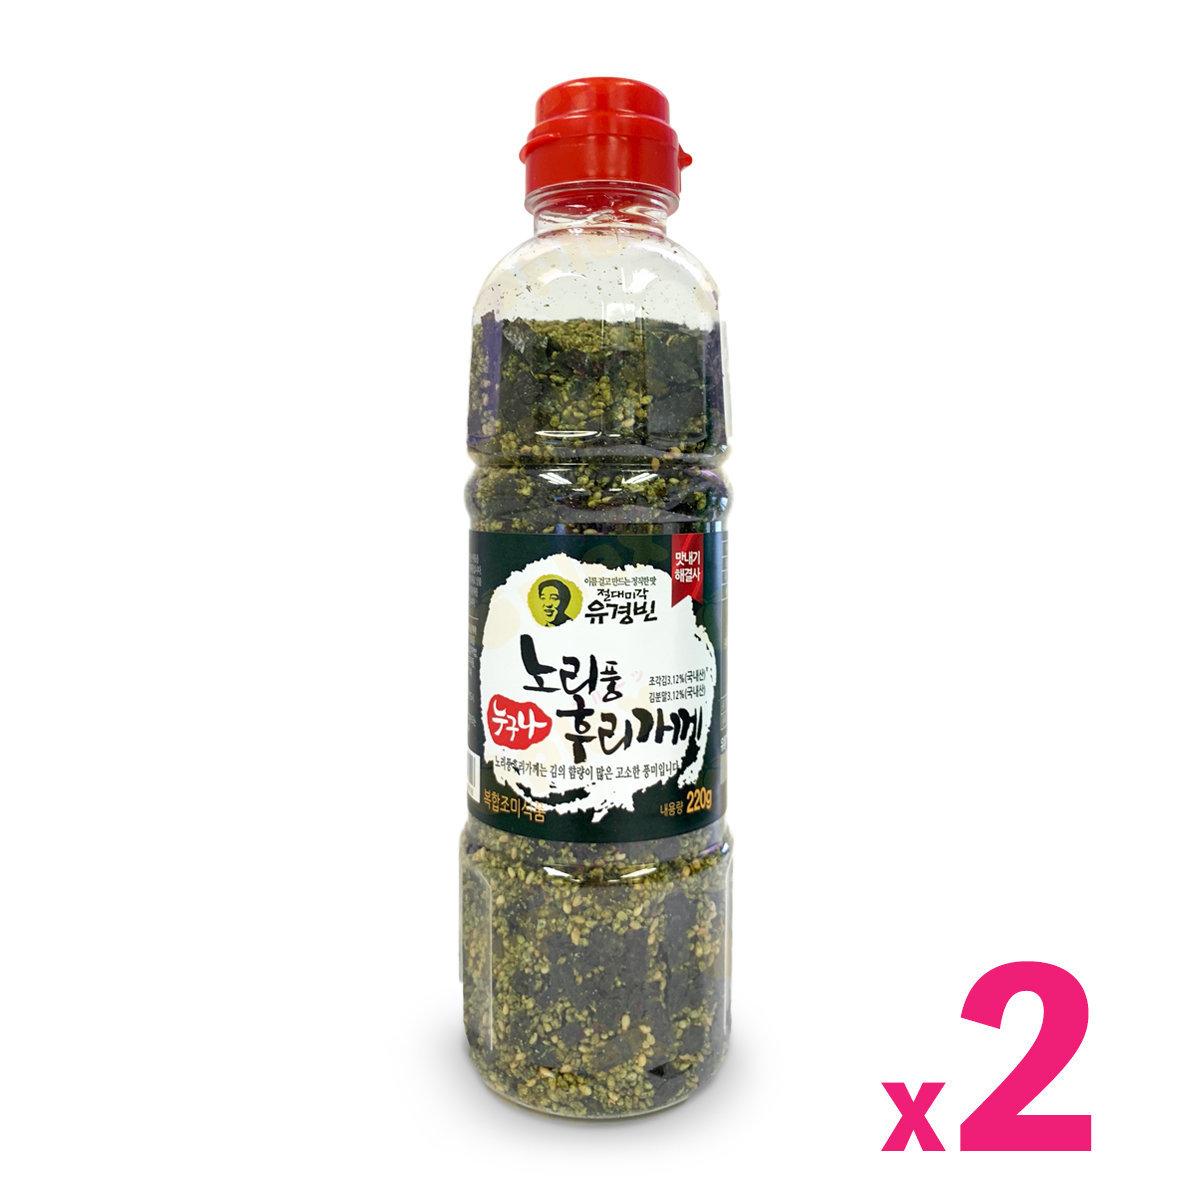 Fried Sesame Seaweed Rice Toppings/Furikake (220ml) (Green) x 2bottles